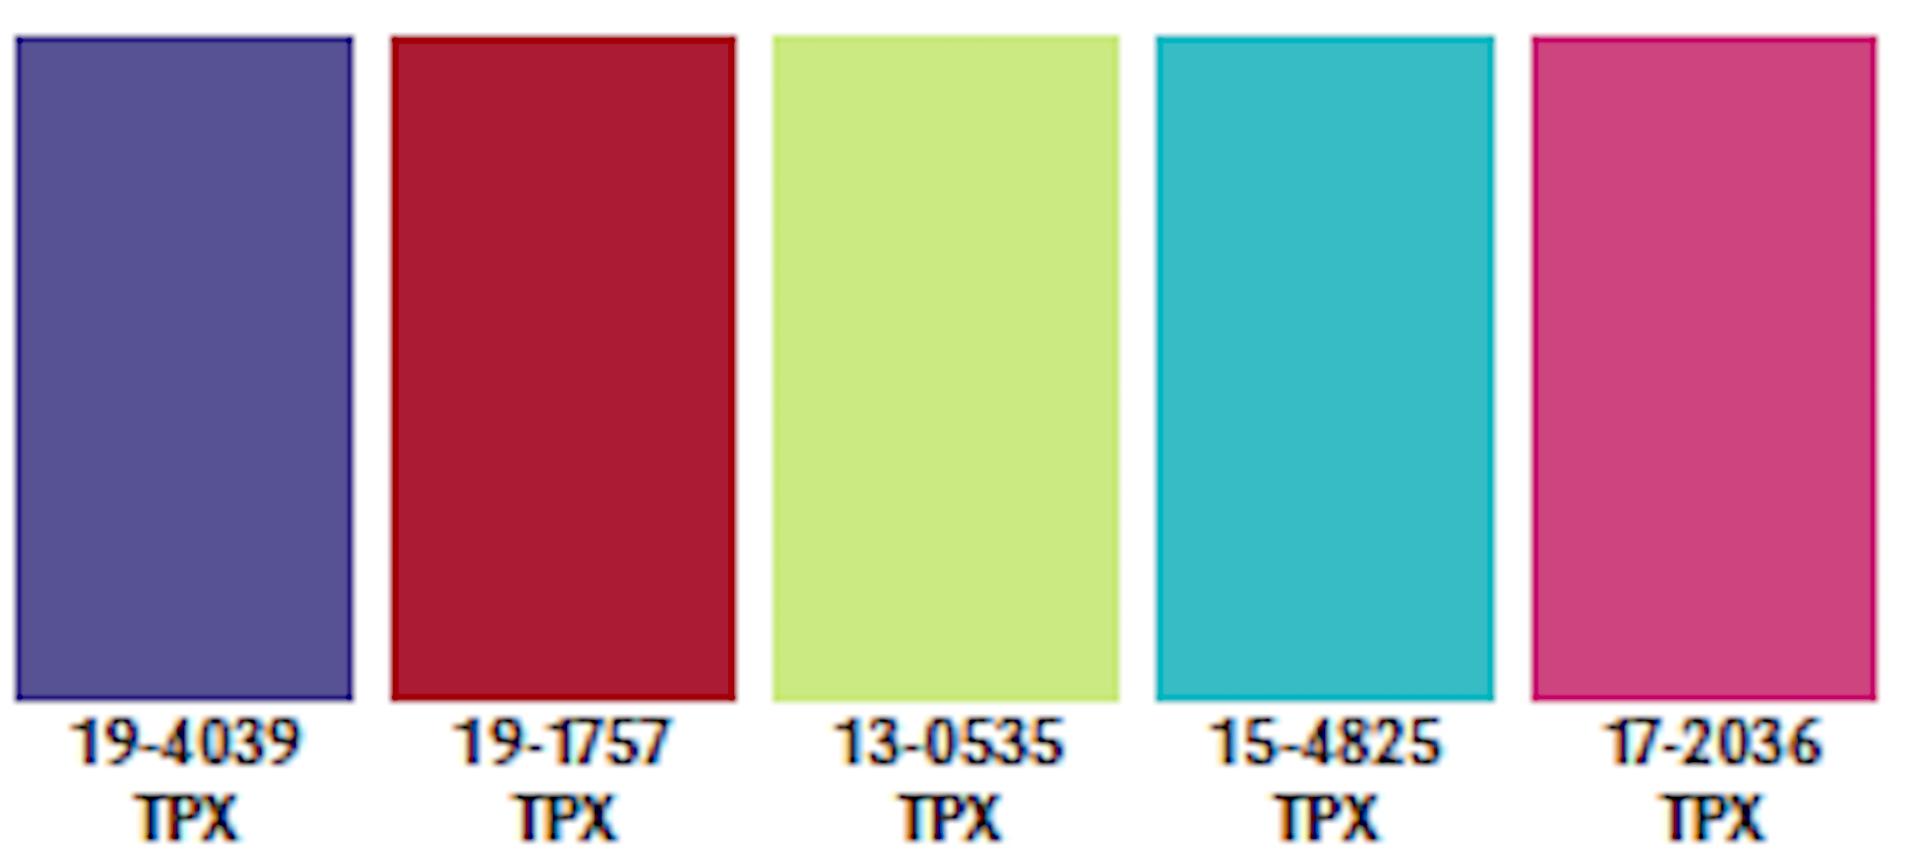 Color Palette Spring/Summer 2021